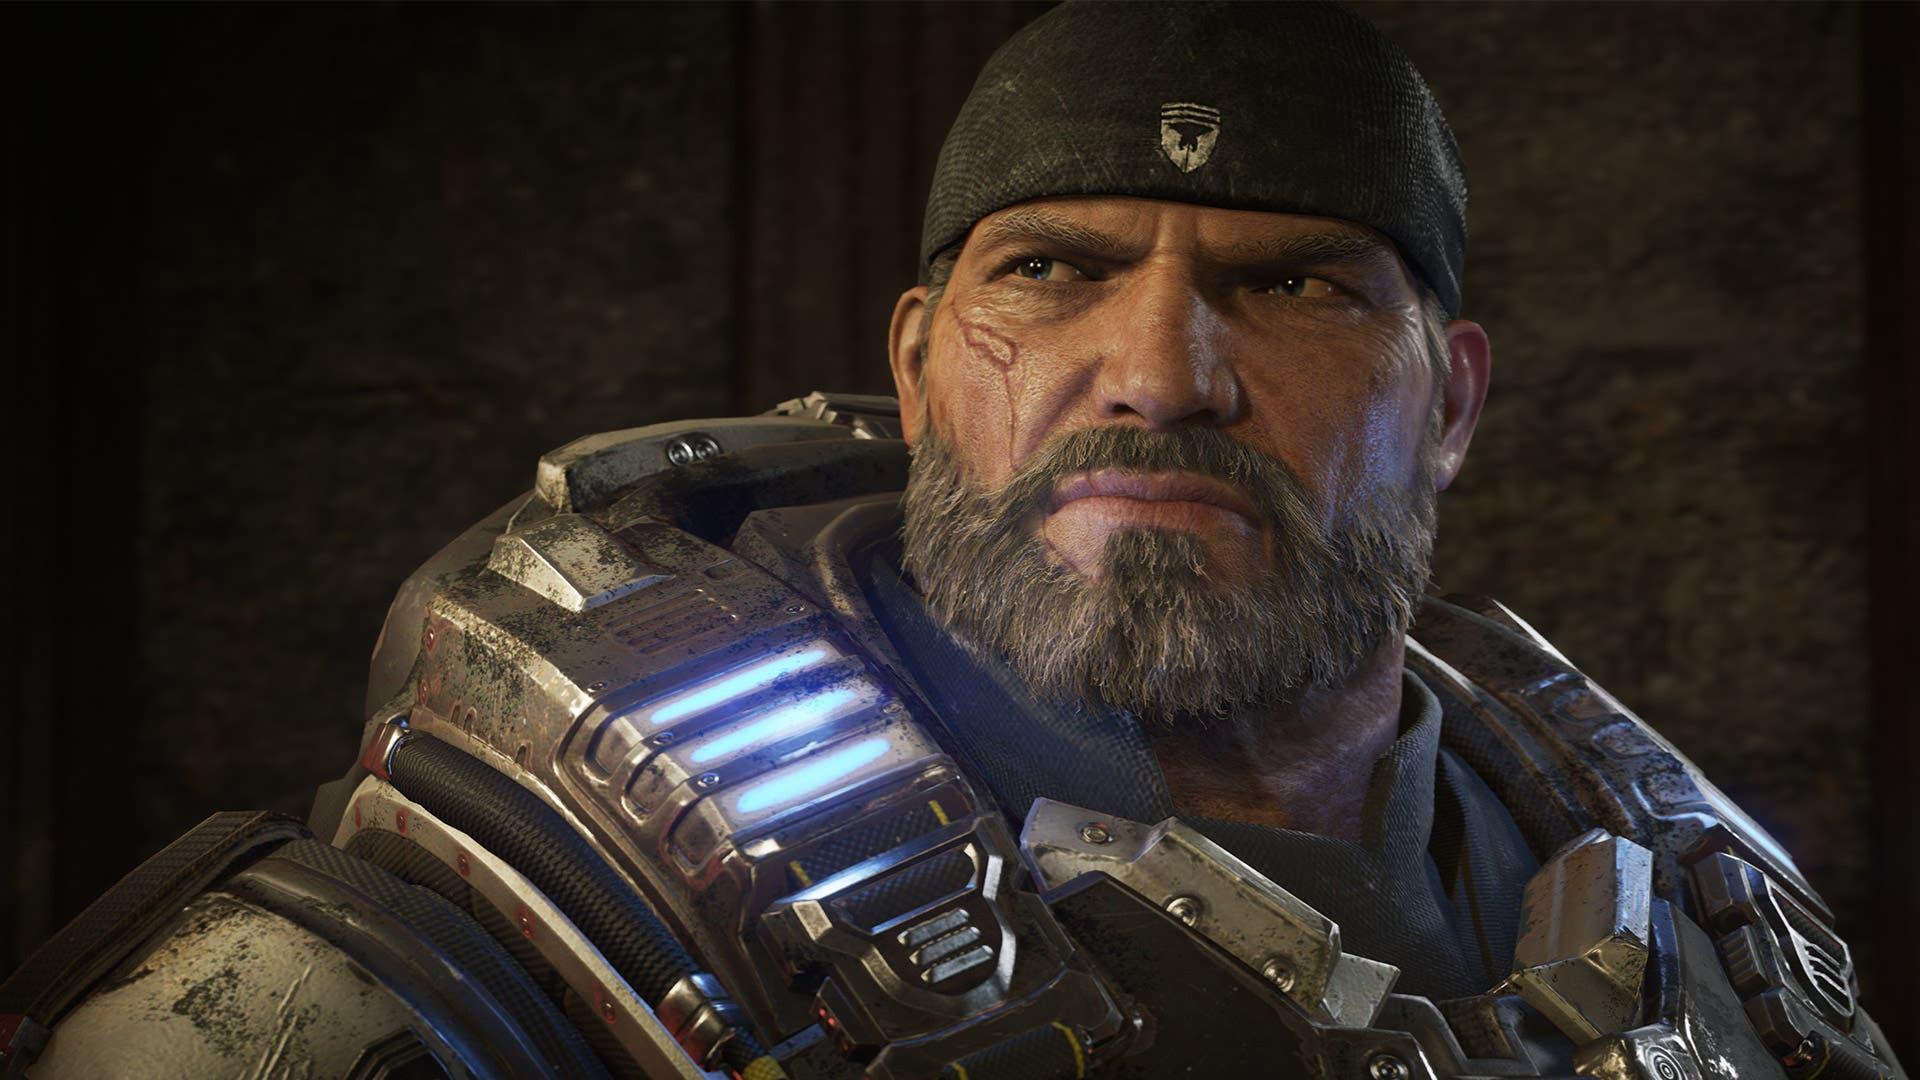 Imagen de ¿Gears of War en forma de juego de cartas? Es real y se lanzará este año